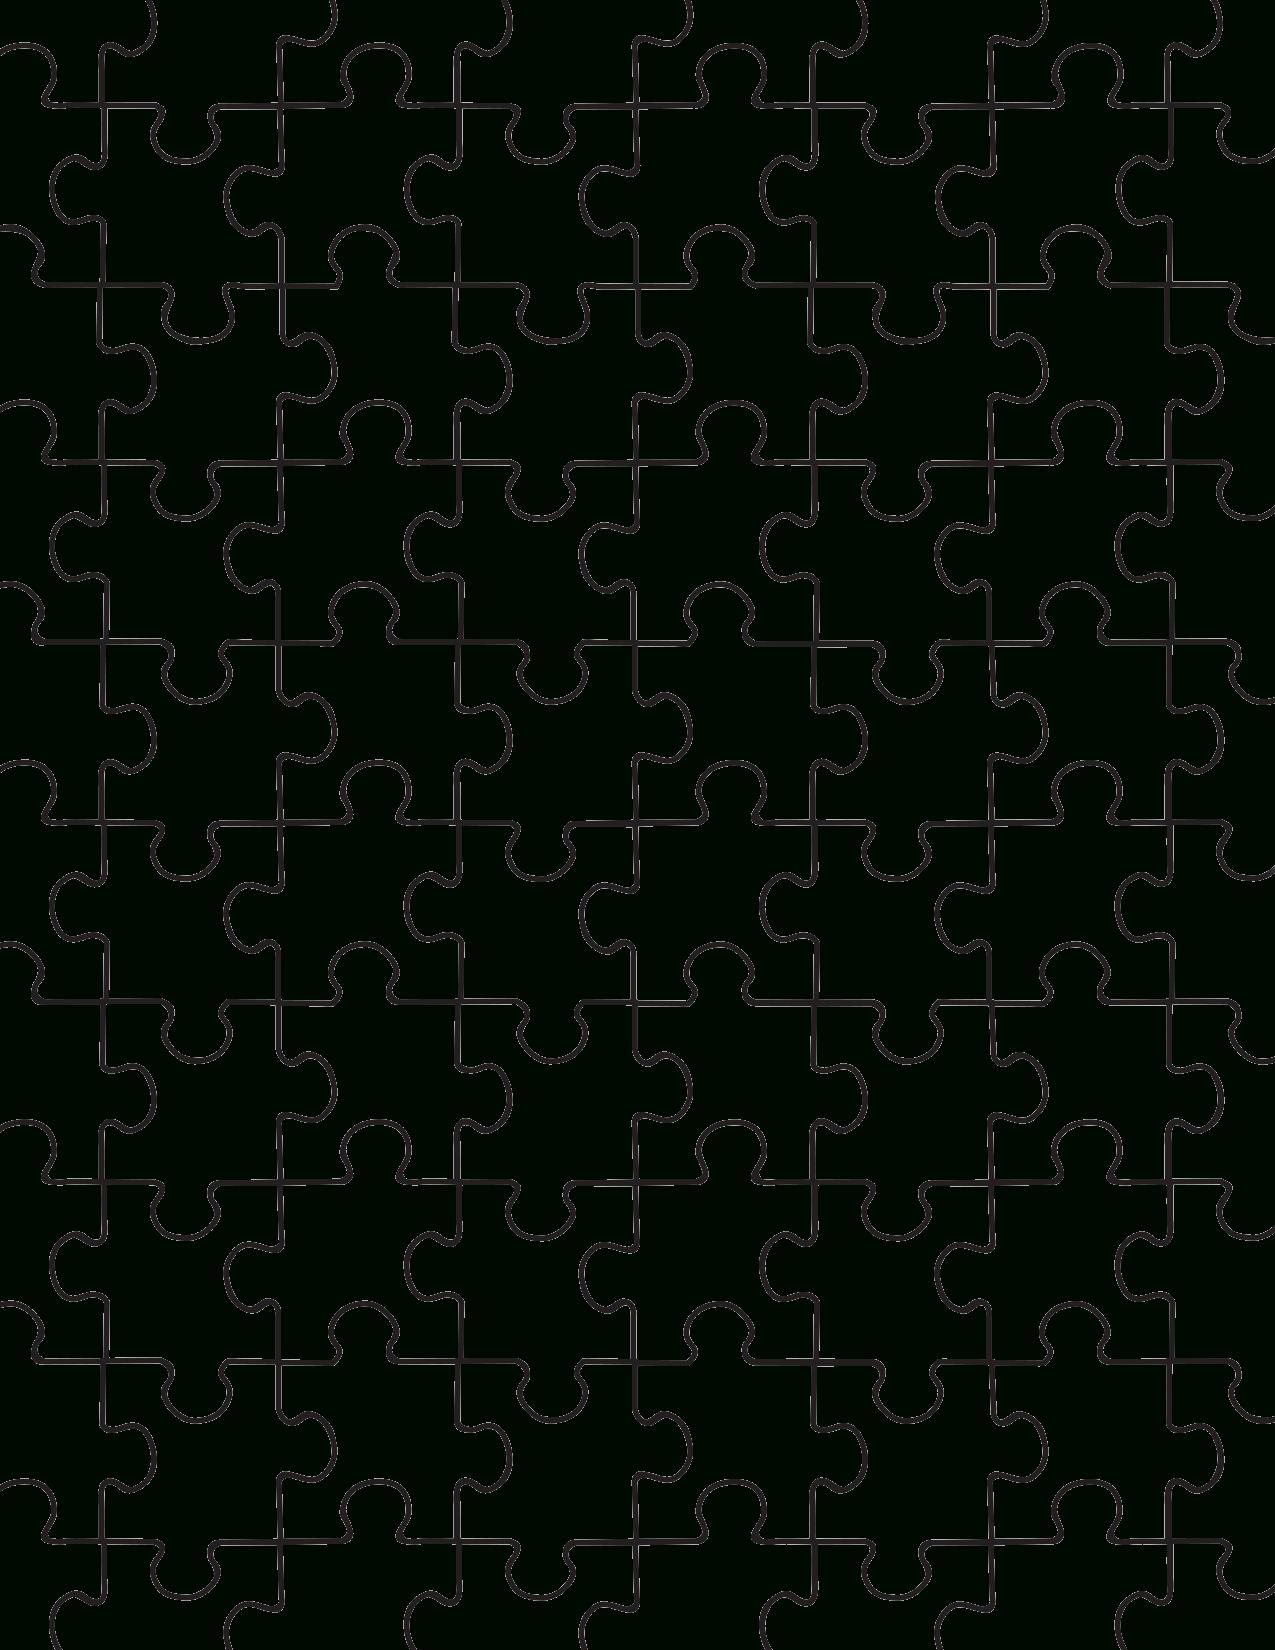 Printable Puzzle Pieces Template | Decor | Puzzle Piece Template - Printable Puzzle Jigsaw